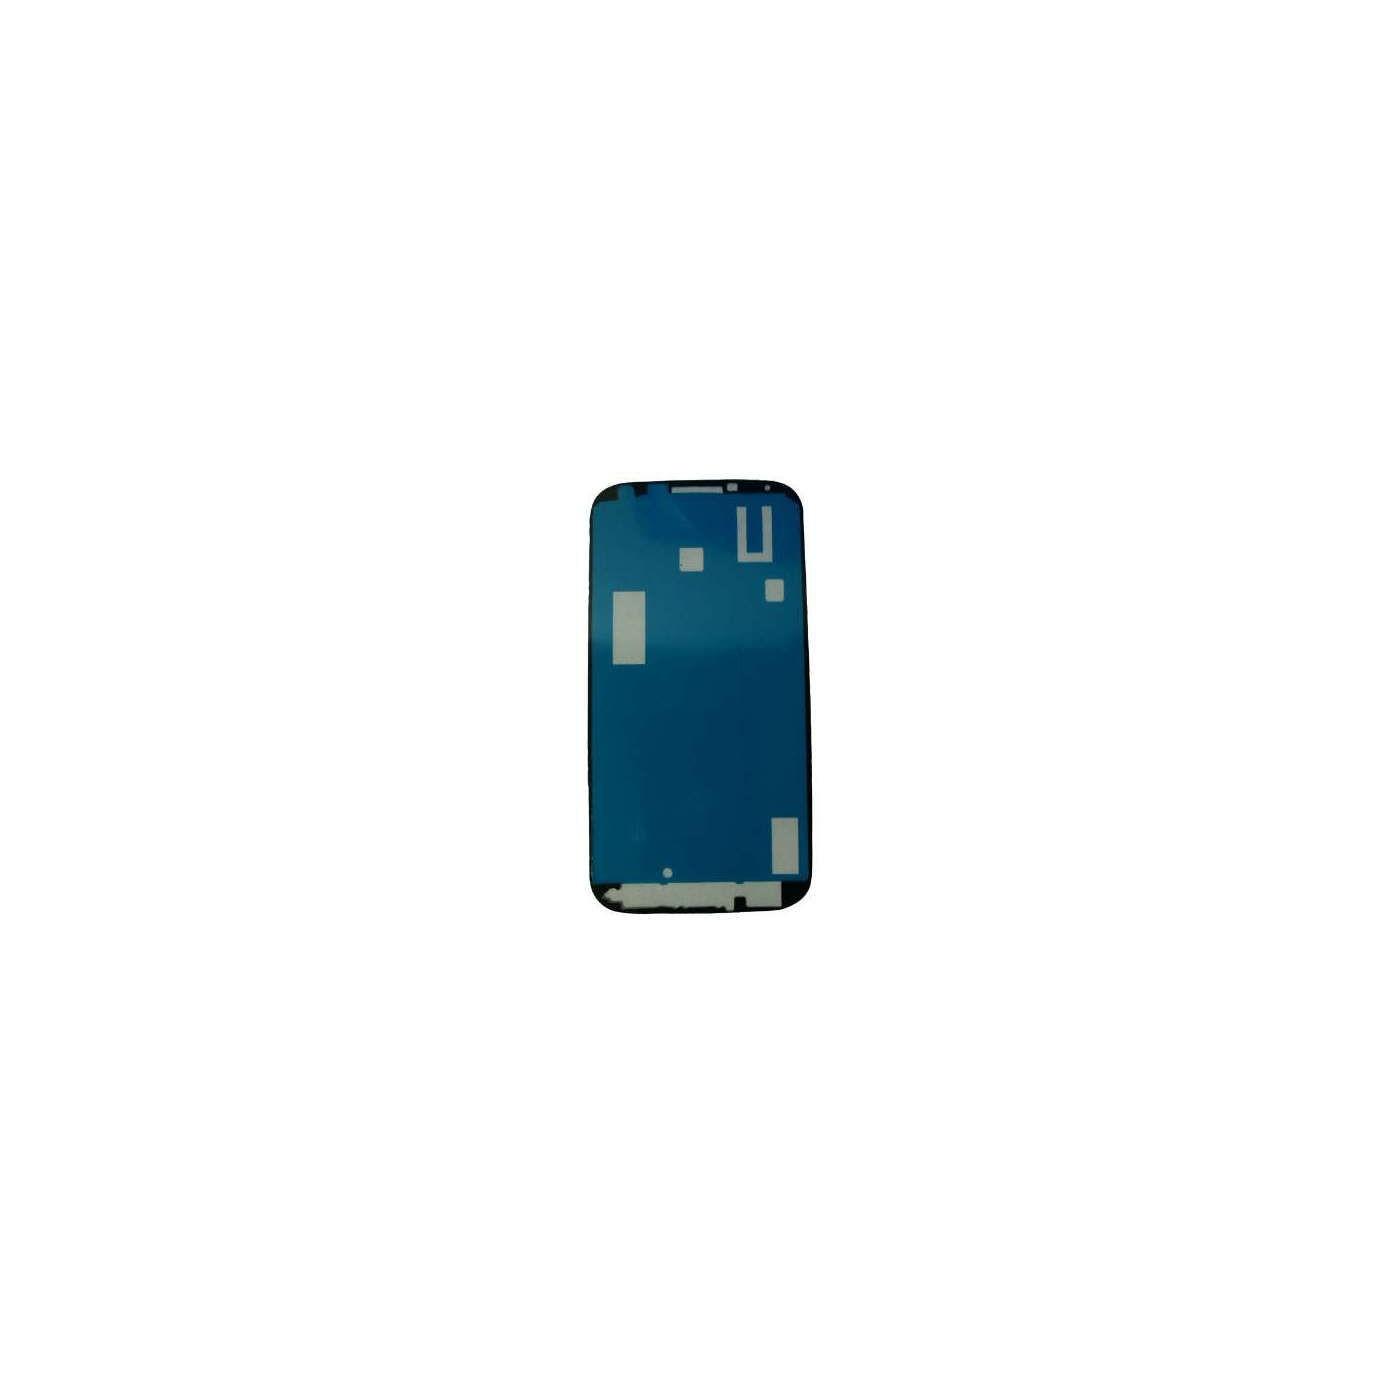 Doppelseitiger Kleber für Samsungs-Galaxie s4 GlasTouch Screen Aufkleberanzeige